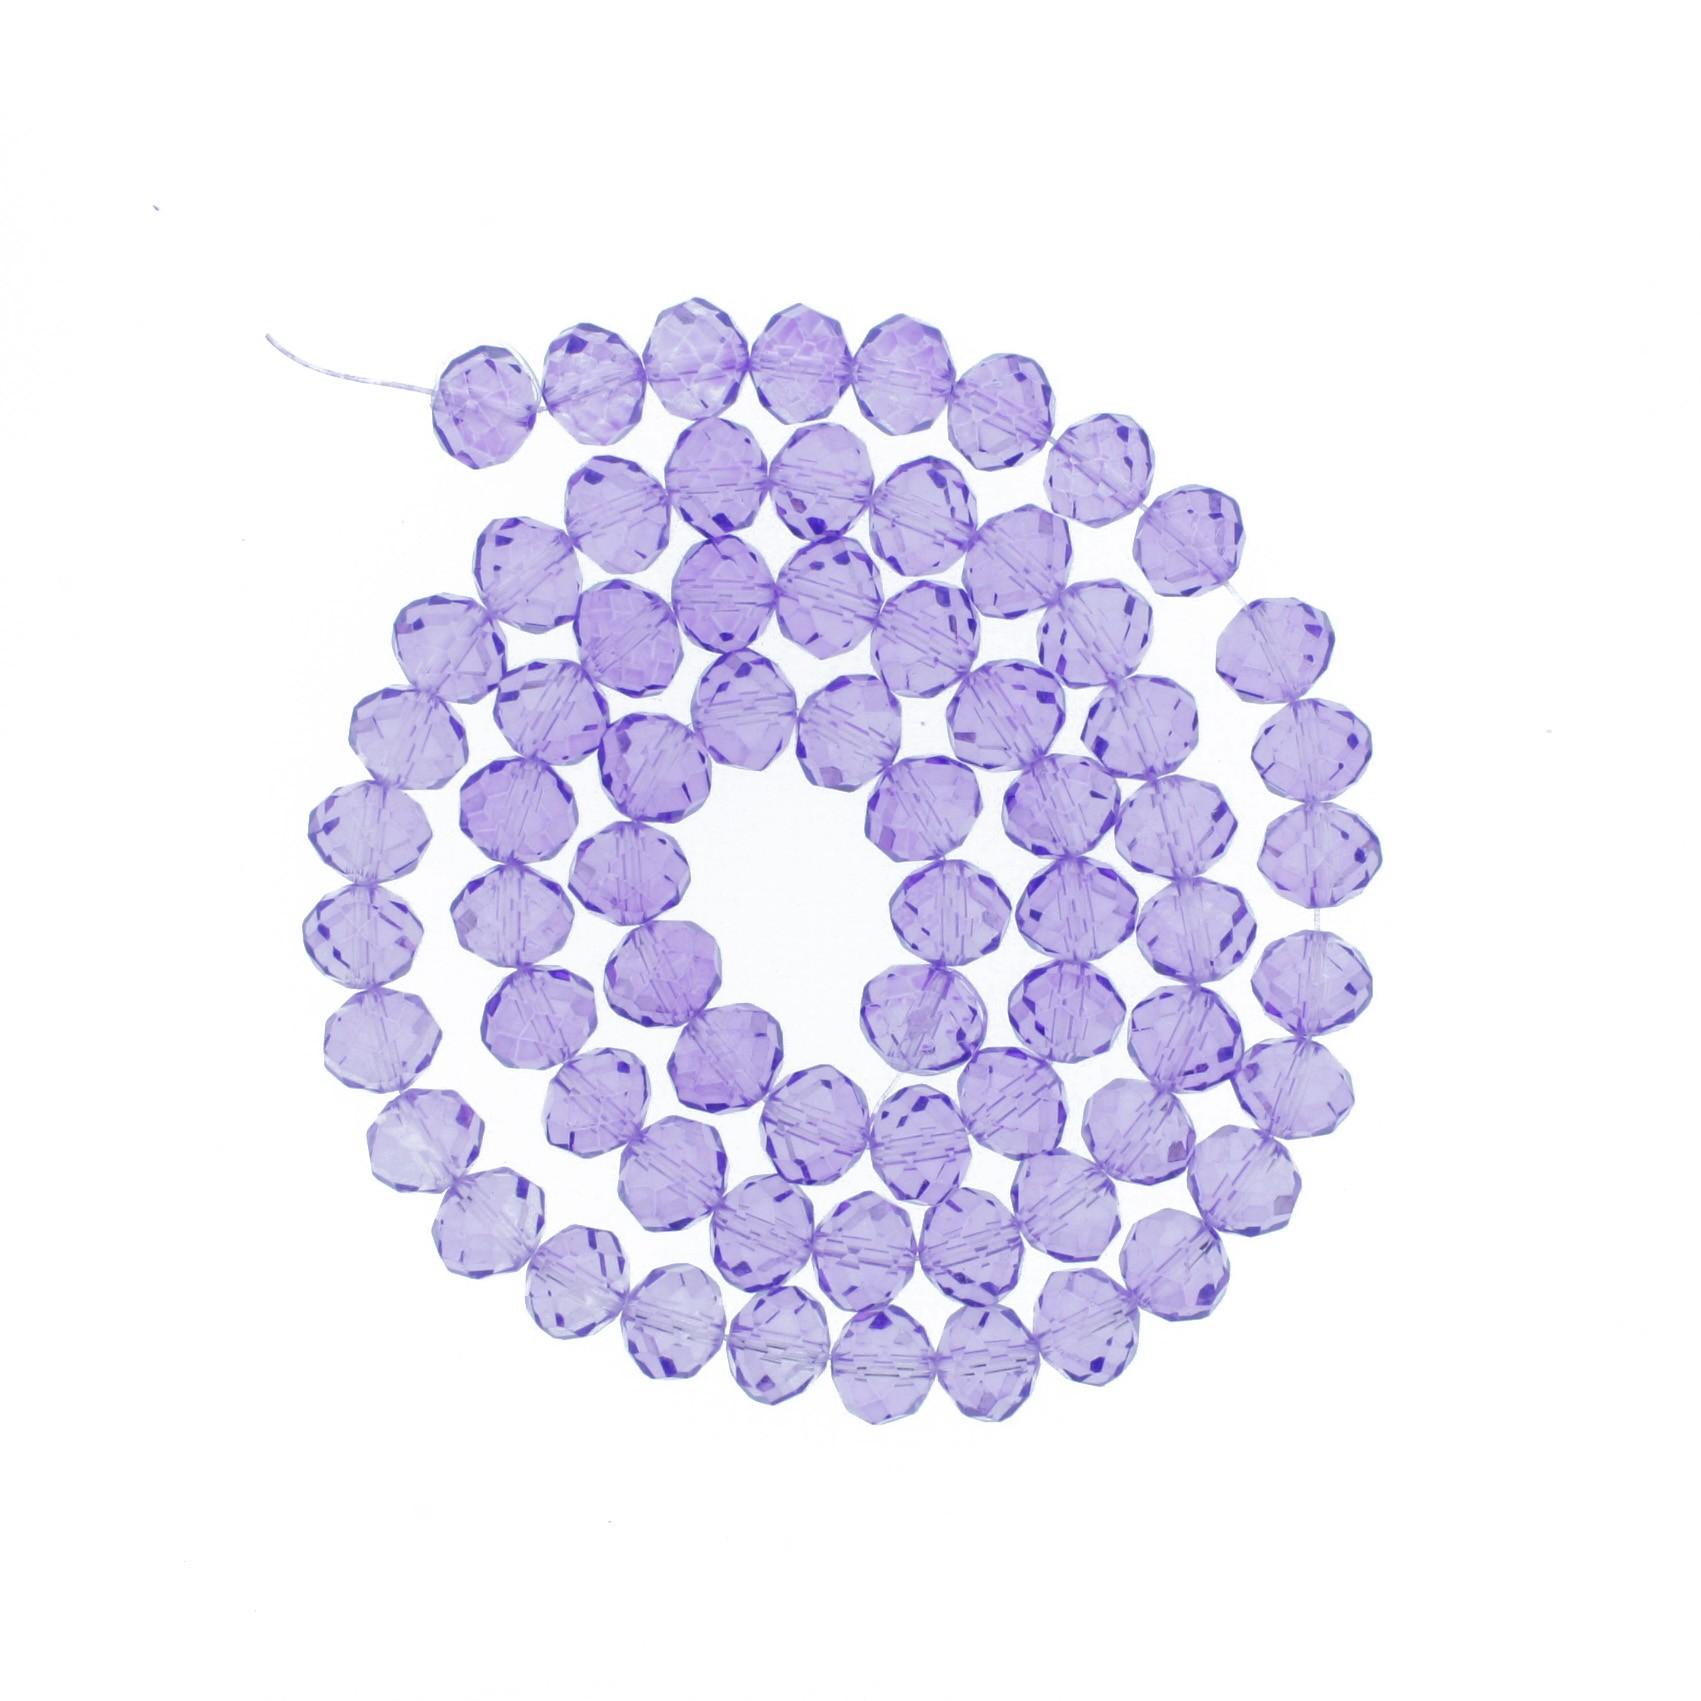 Fio de Cristal - Flat® - Lilás Transparente - 8mm  - Stéphanie Bijoux® - Peças para Bijuterias e Artesanato